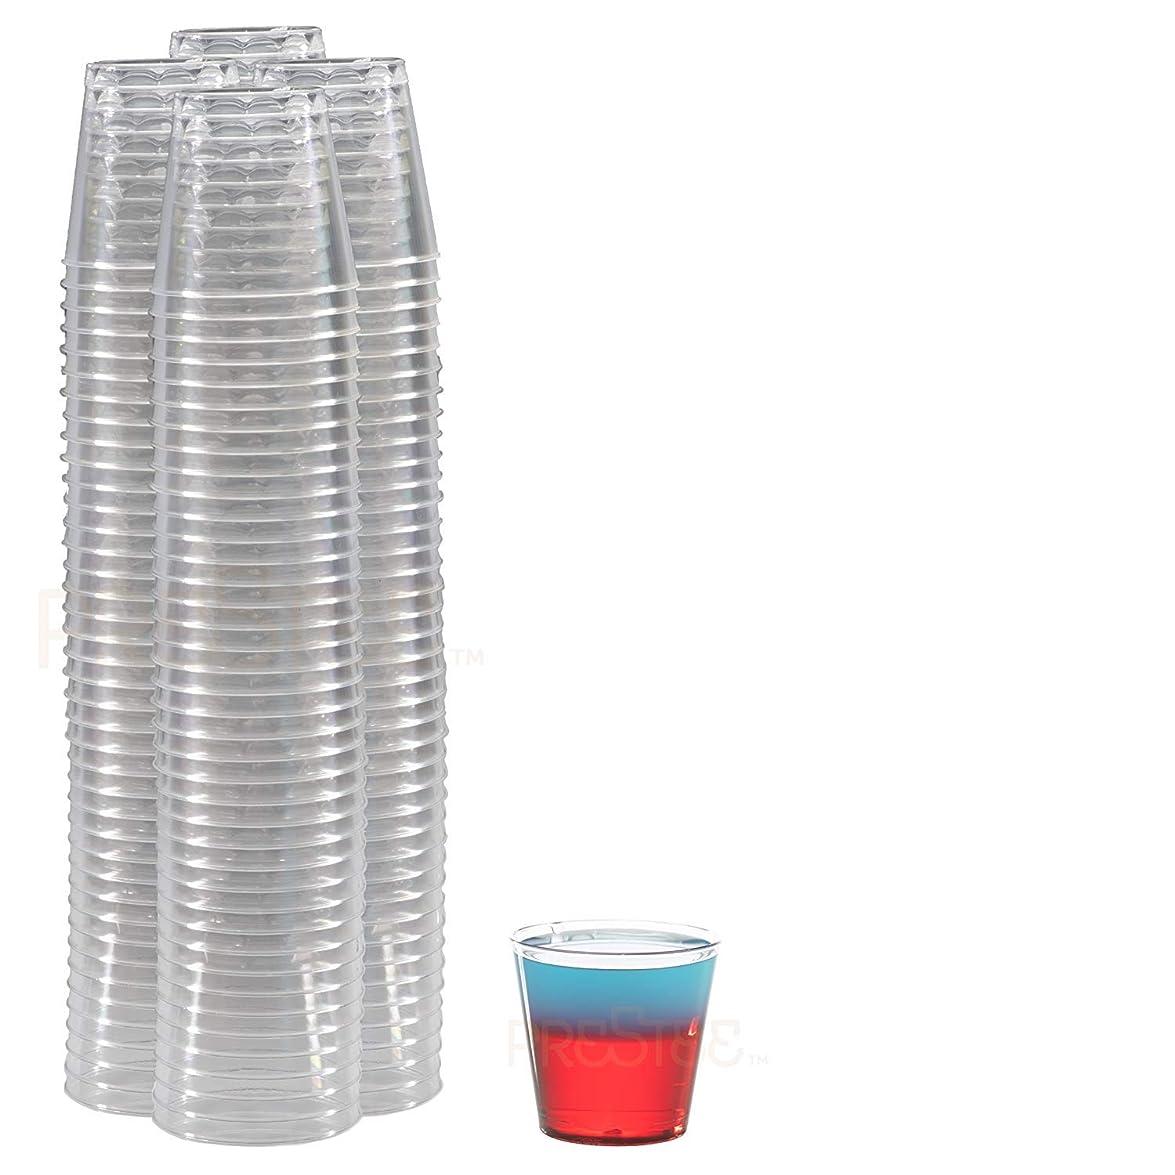 石炭肌未接続drinket Heavy Dutyクリスタルクリアメガネラウンドハードプラスチックカップ1オンスオールドファッションタンブラー100?Countバルクパック使い捨て/再利用可能な| Essentialワインシャンパンフルートカクテル、Everyday Drinking Cup